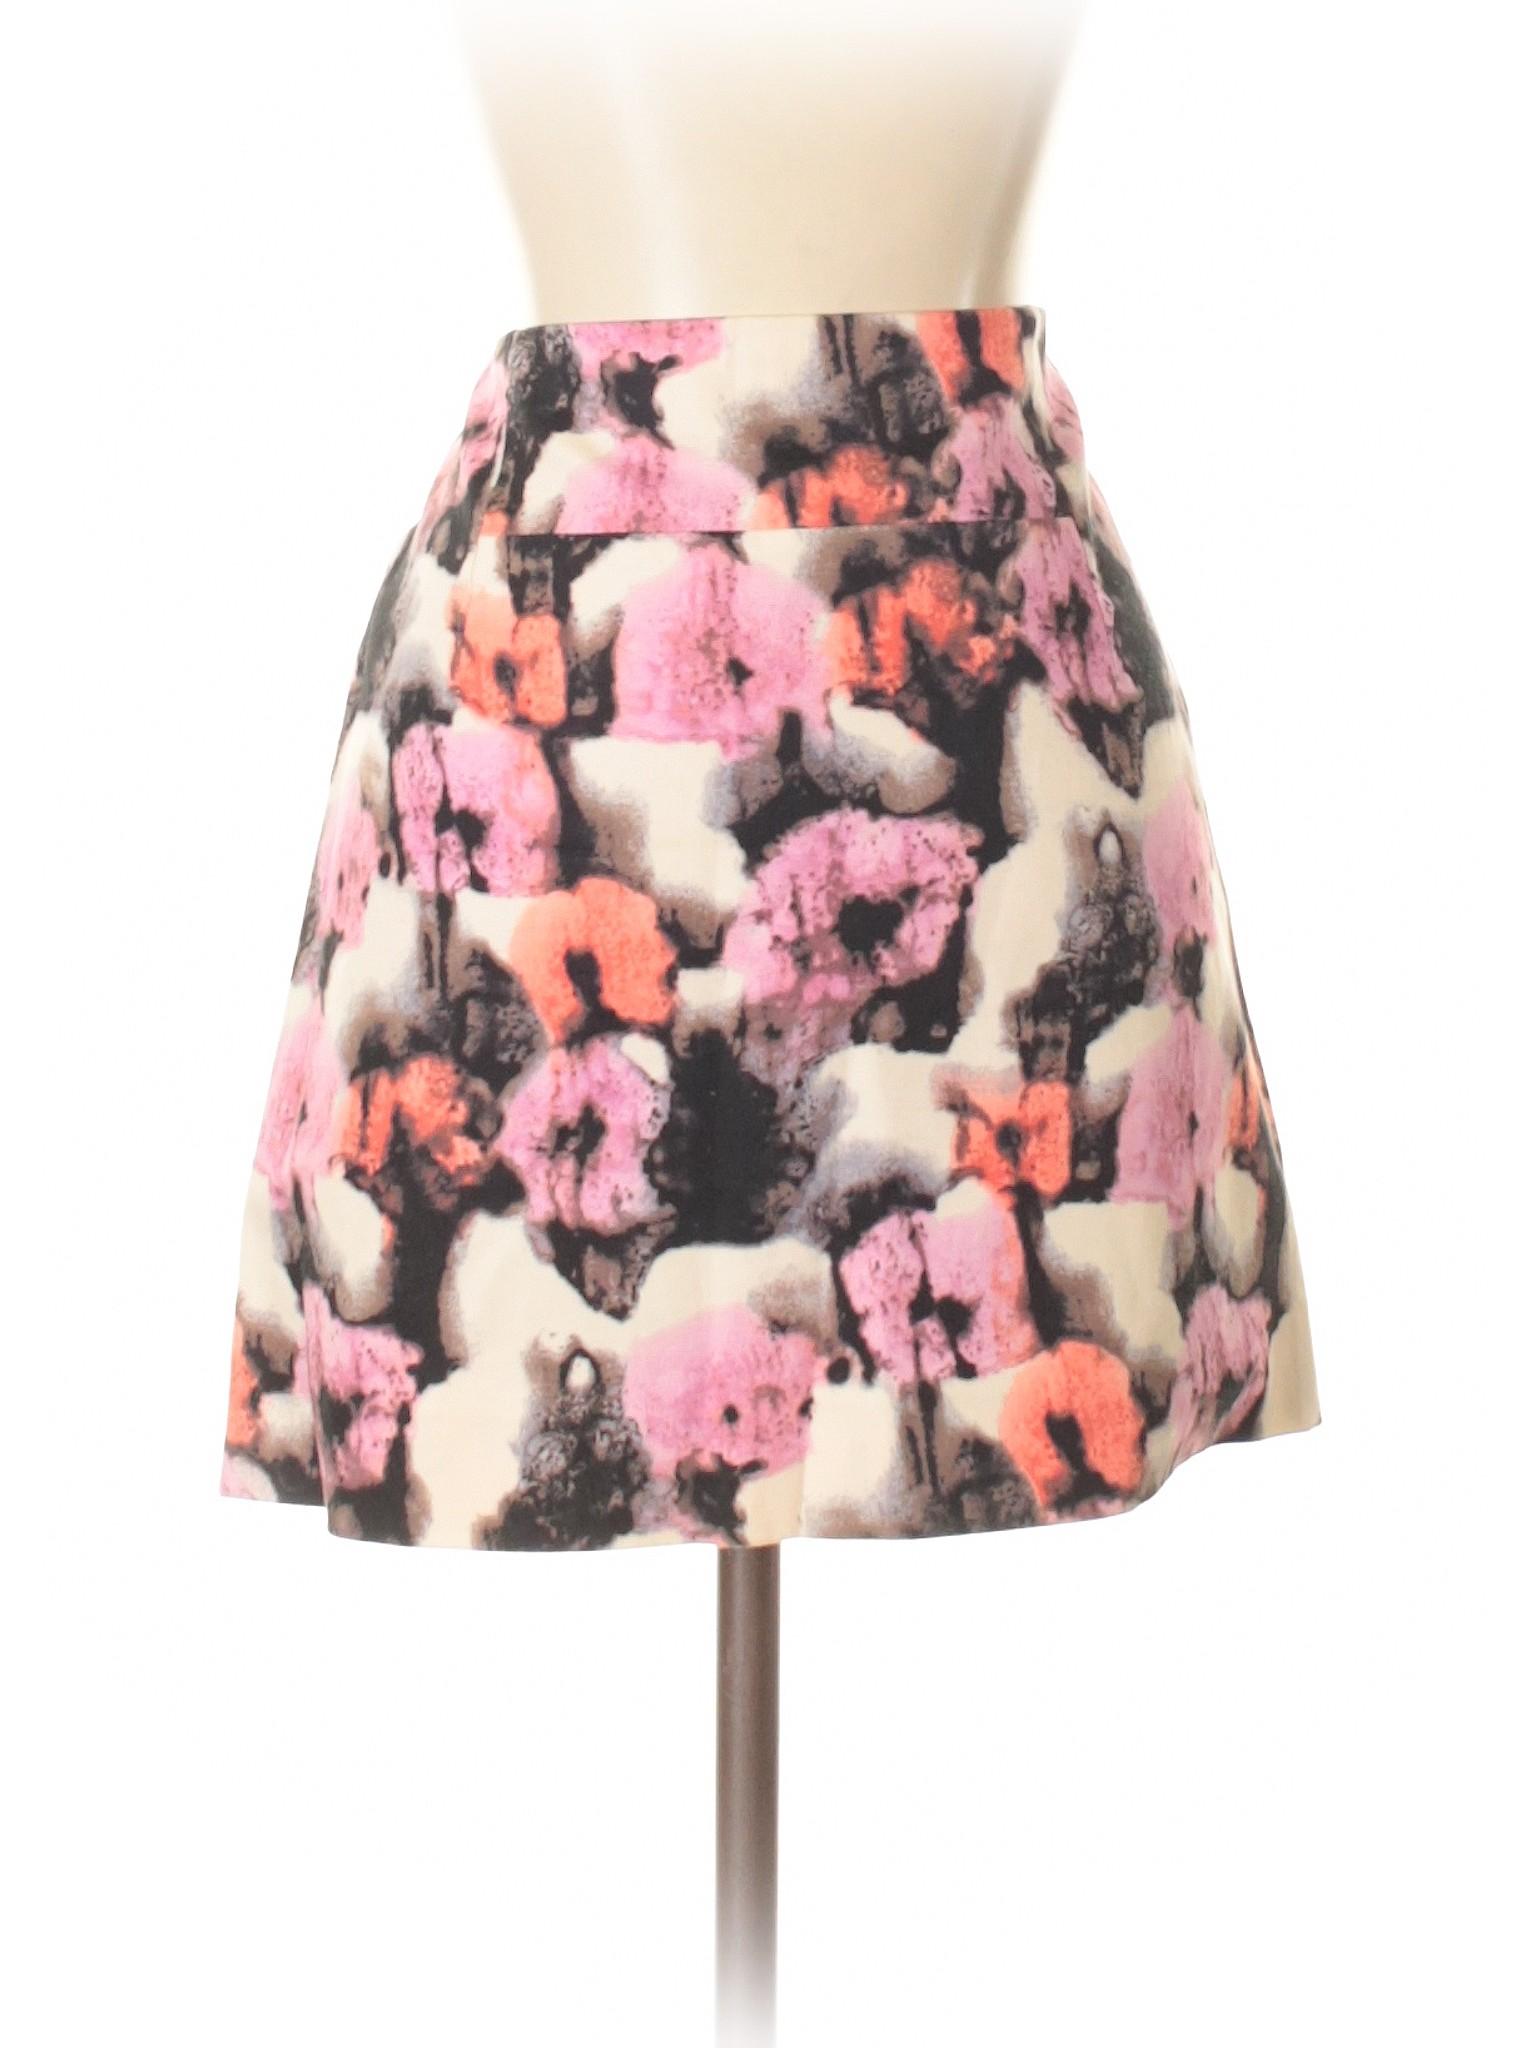 Skirt Skirt Casual Boutique Casual Boutique Casual Boutique EcUq8cFy